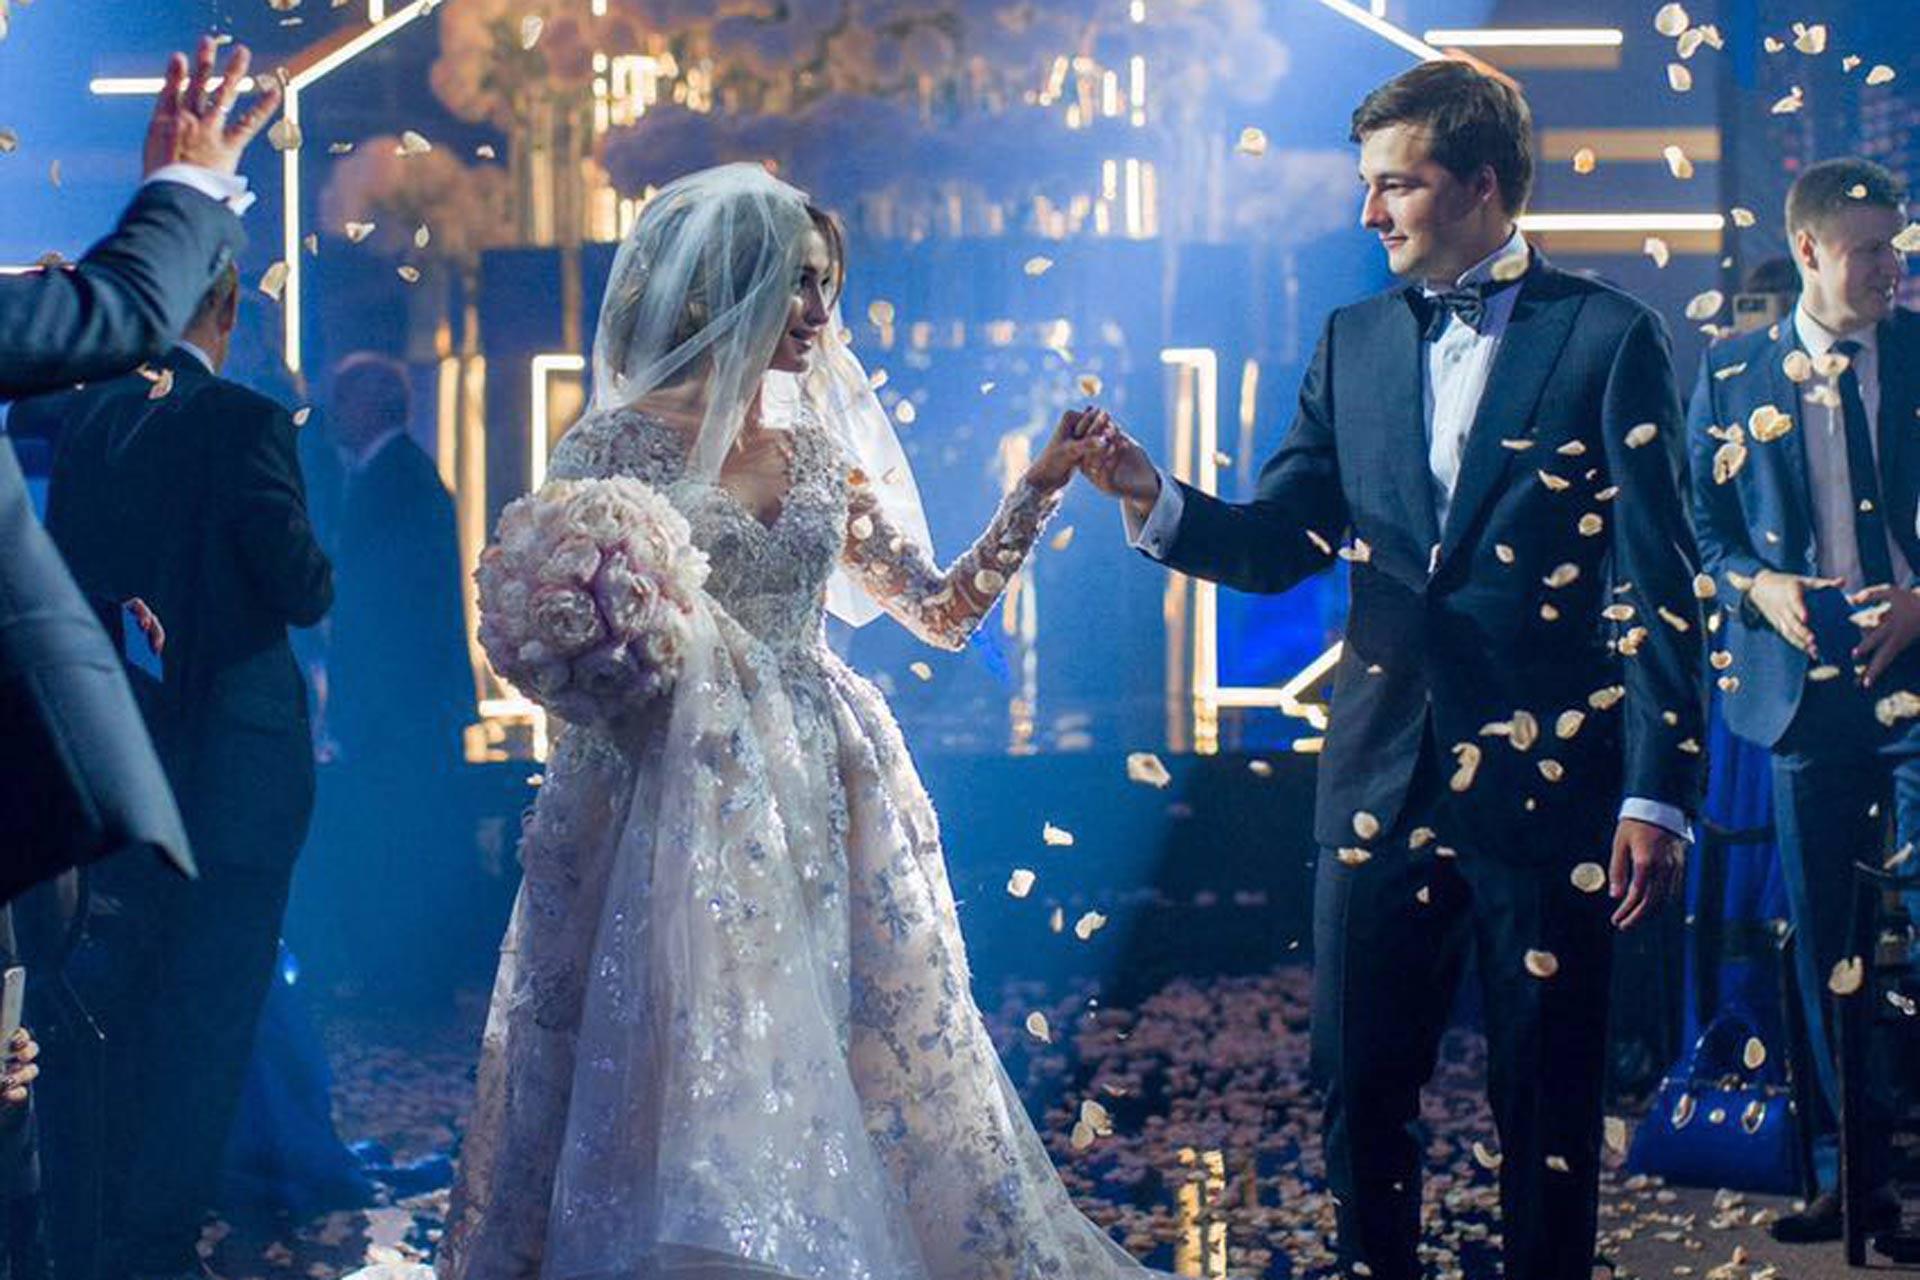 Встреча в большом городе. Свадьба Татьяны и Романа